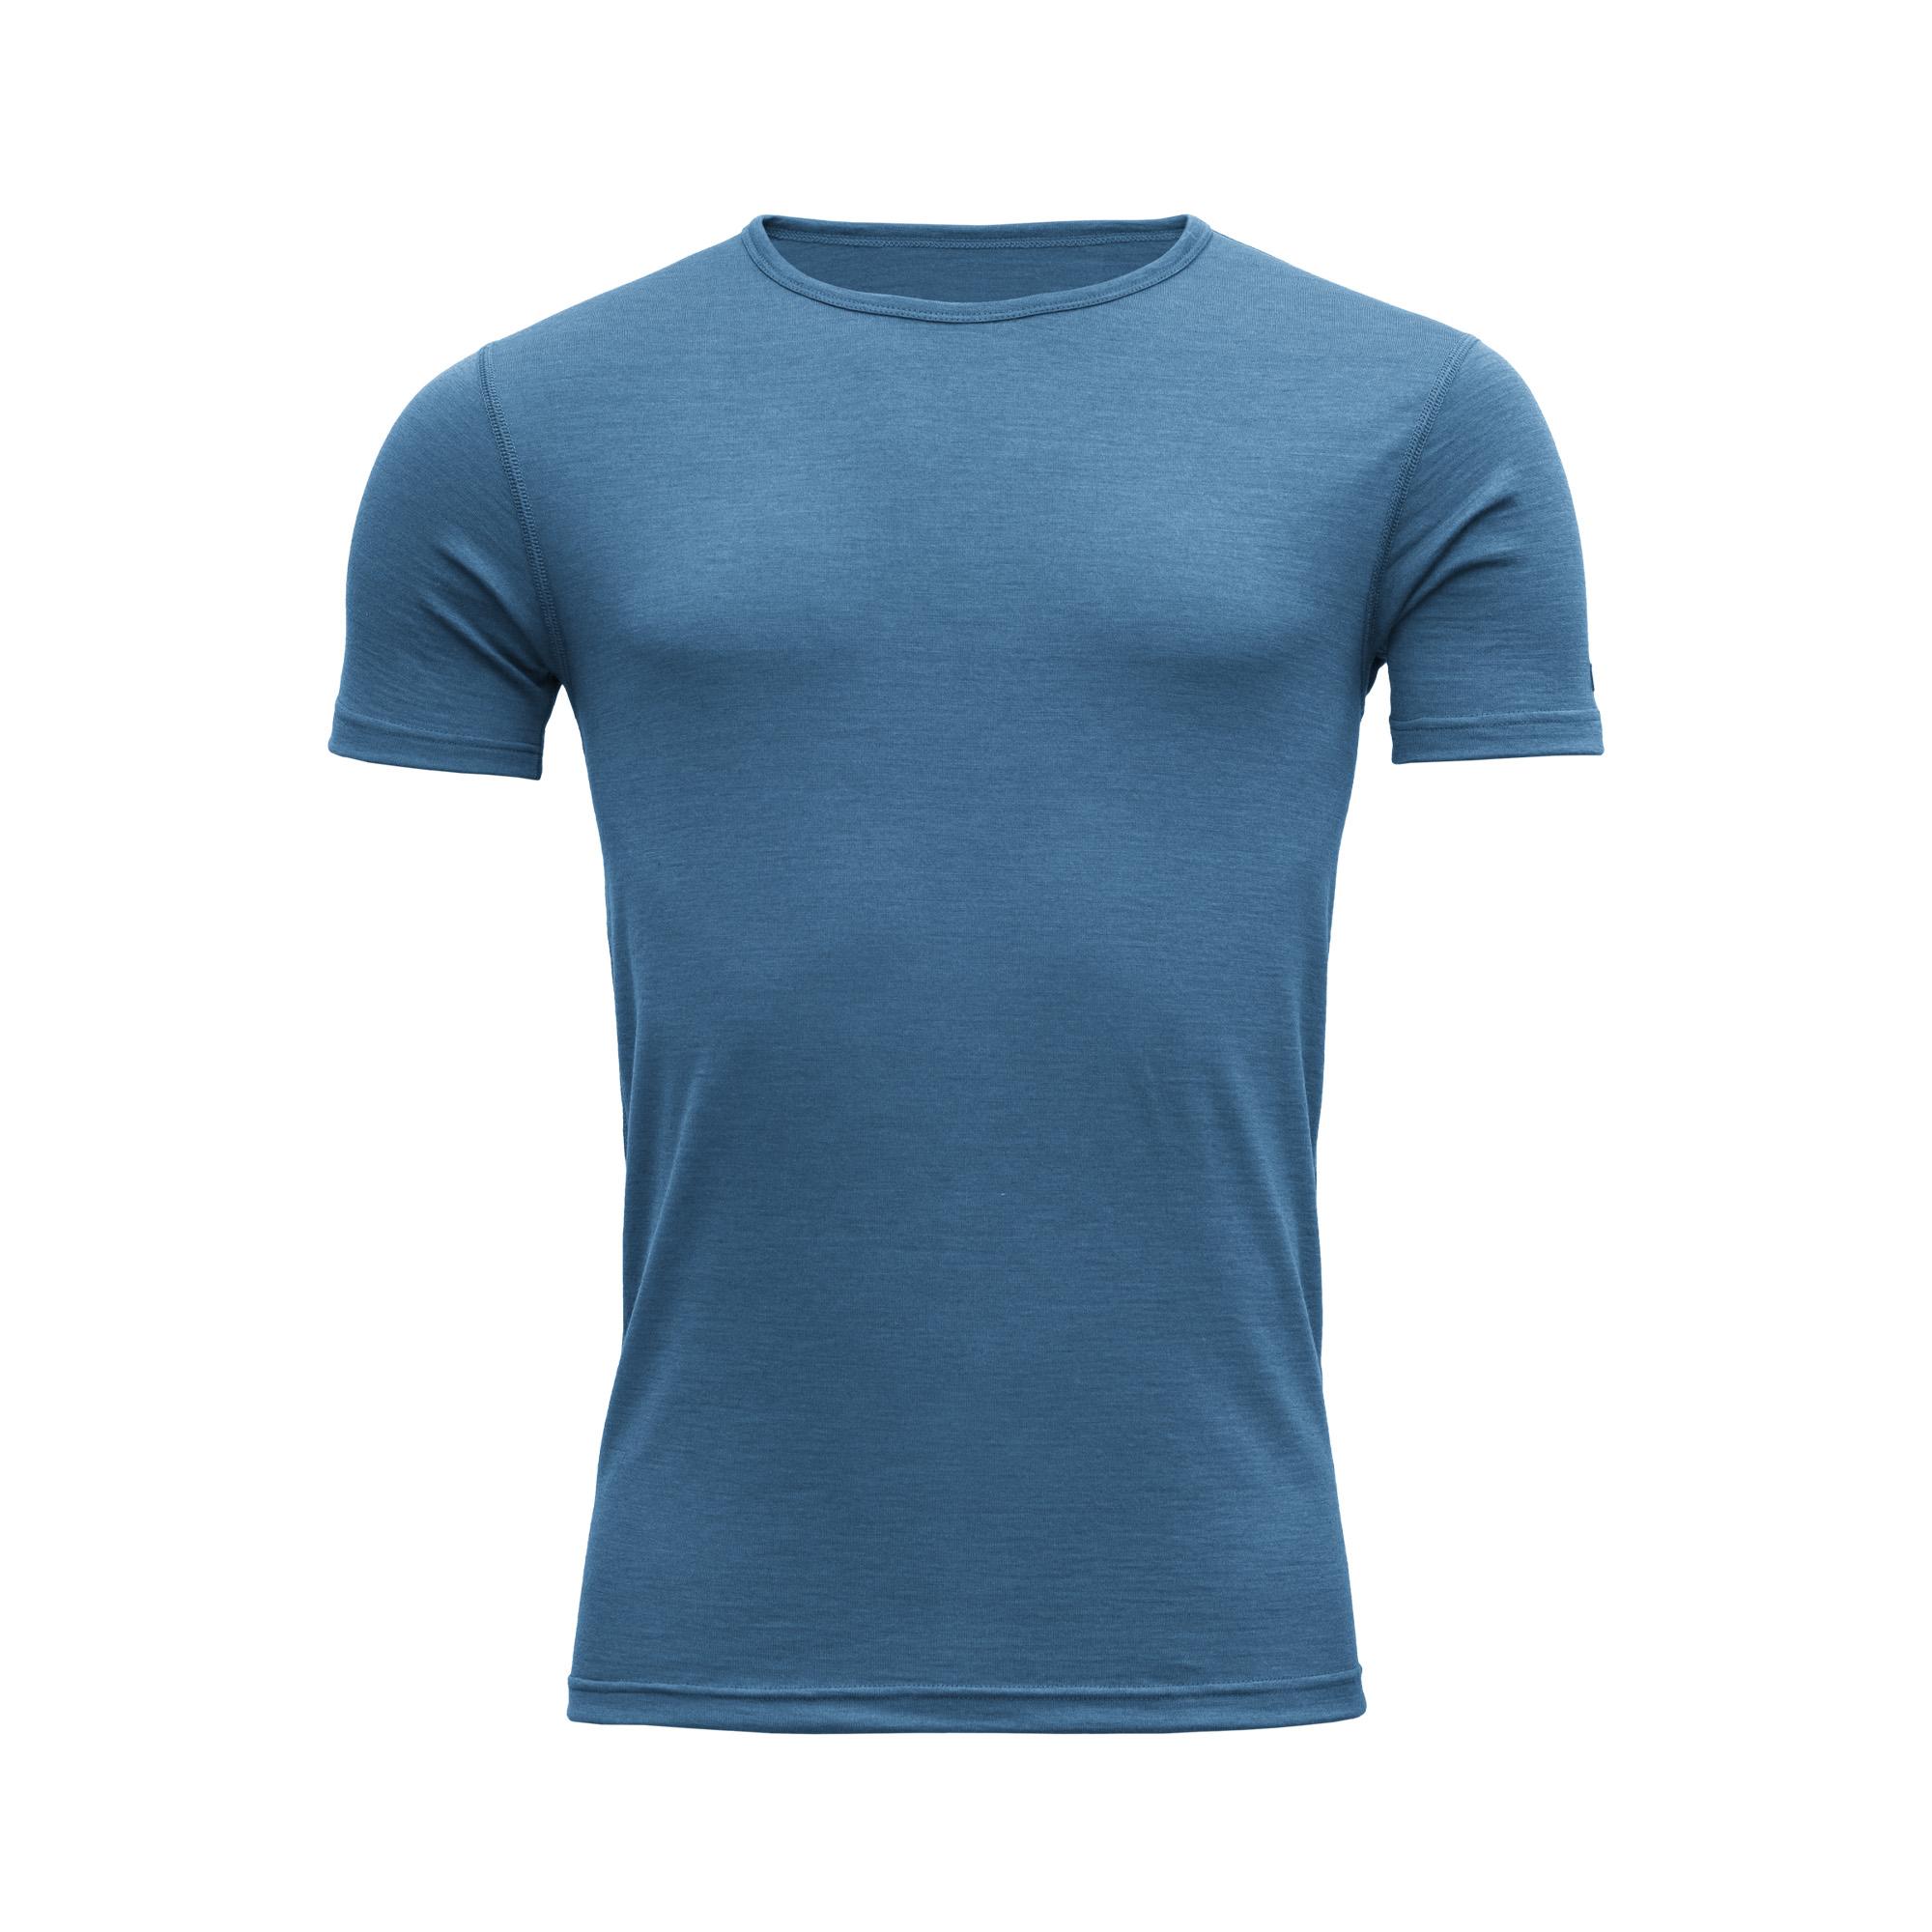 Devold Breeze  - T-shirt - Men's